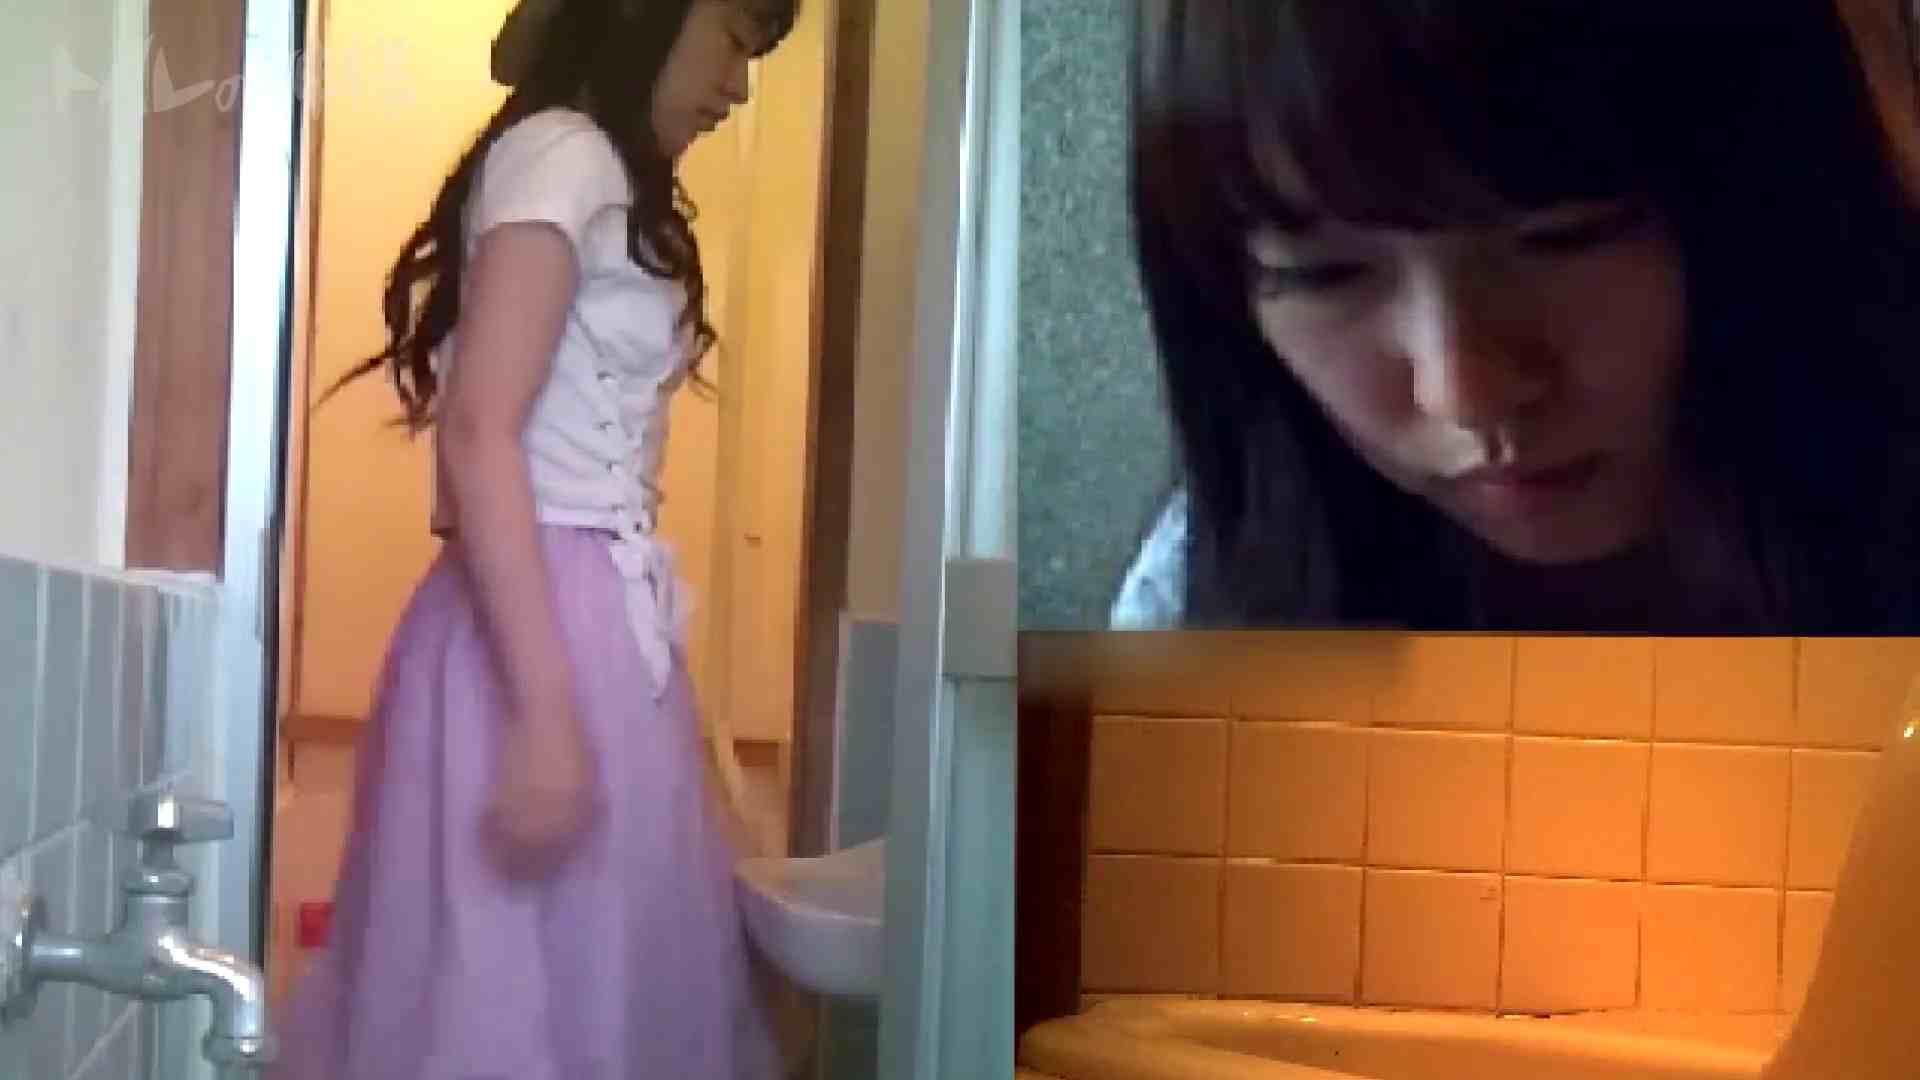 トイレの神様 Vol.09 美女のGEBOきれいに撮っています 美女達のヌード | トイレ中  75連発 17